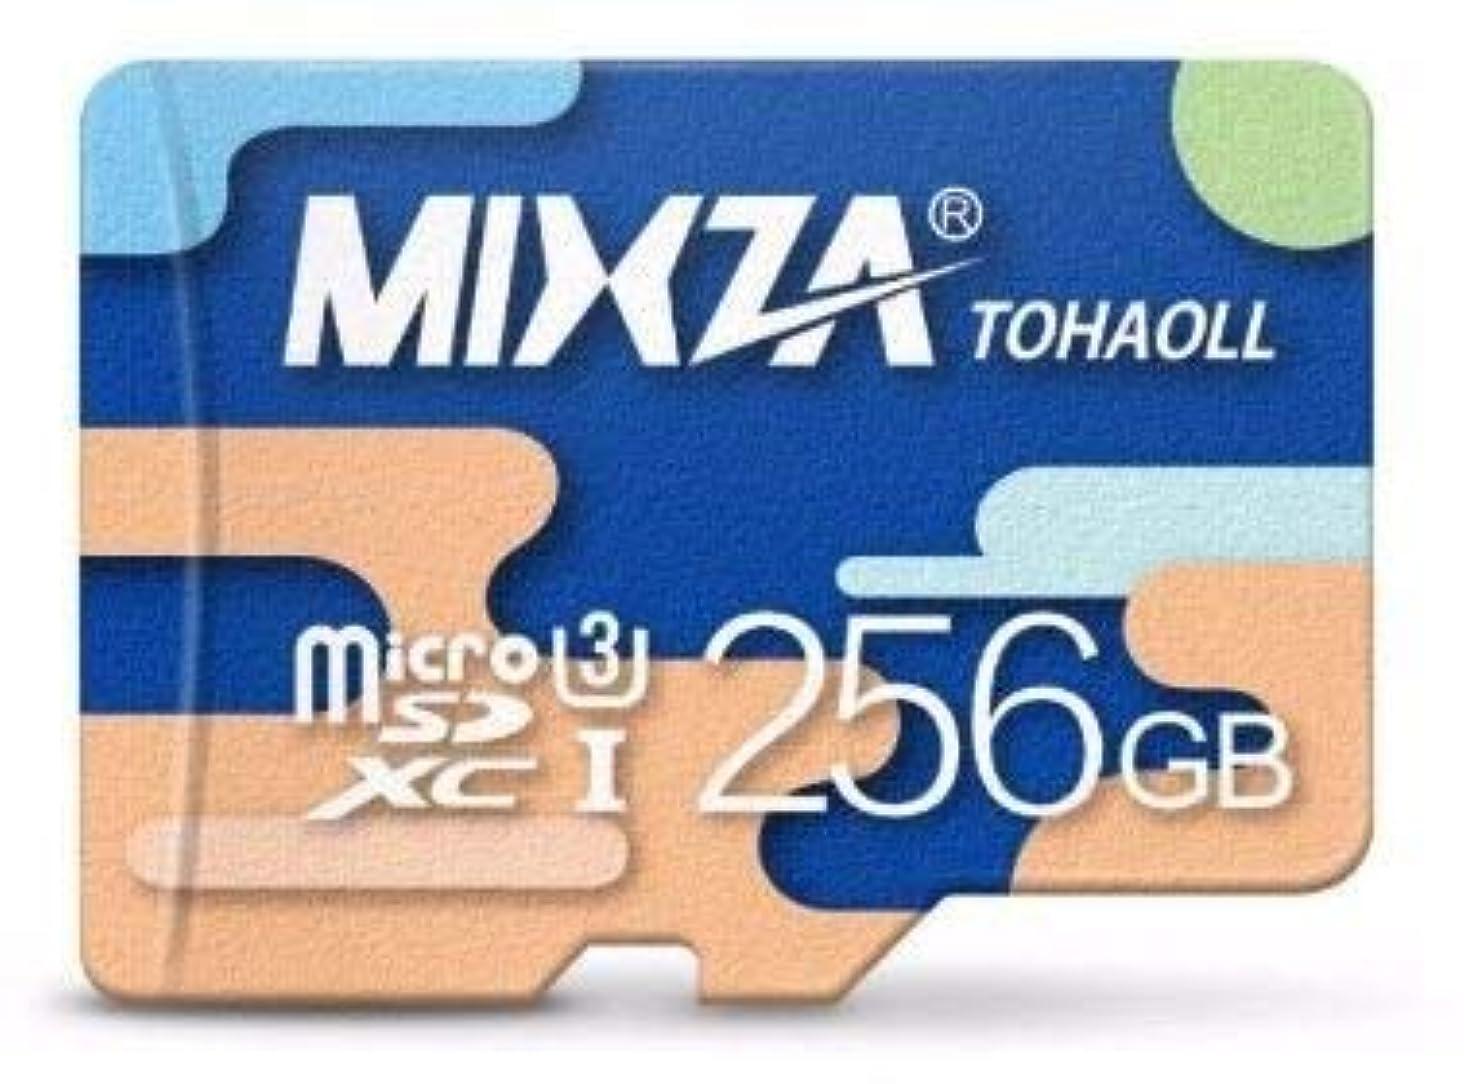 欺くアウトドアガウンパフォーマンスGrade LG k8?V MicroSDHCカードby MIXZAはpro-speed、熱& Cold耐性、and Built for生涯の定数使用。(UHS - I/3.0?/80mb/S)